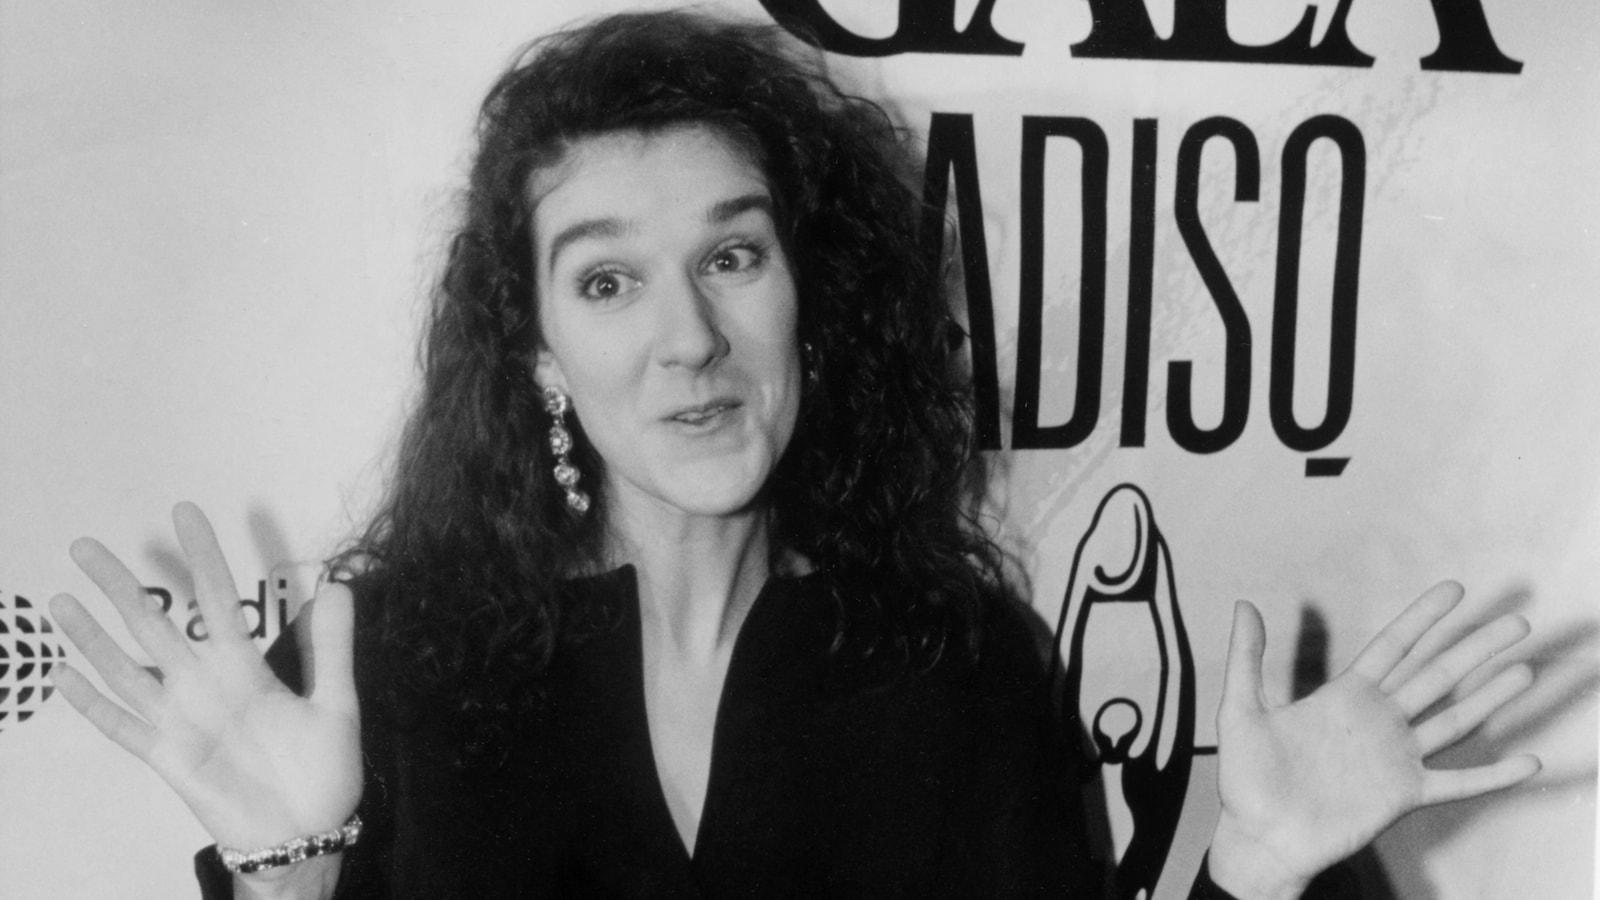 La chanteuse a refusé, en 1990, le trophée dans la catégorie de l'artiste anglophone de l'année au gala de l'ADISQ.